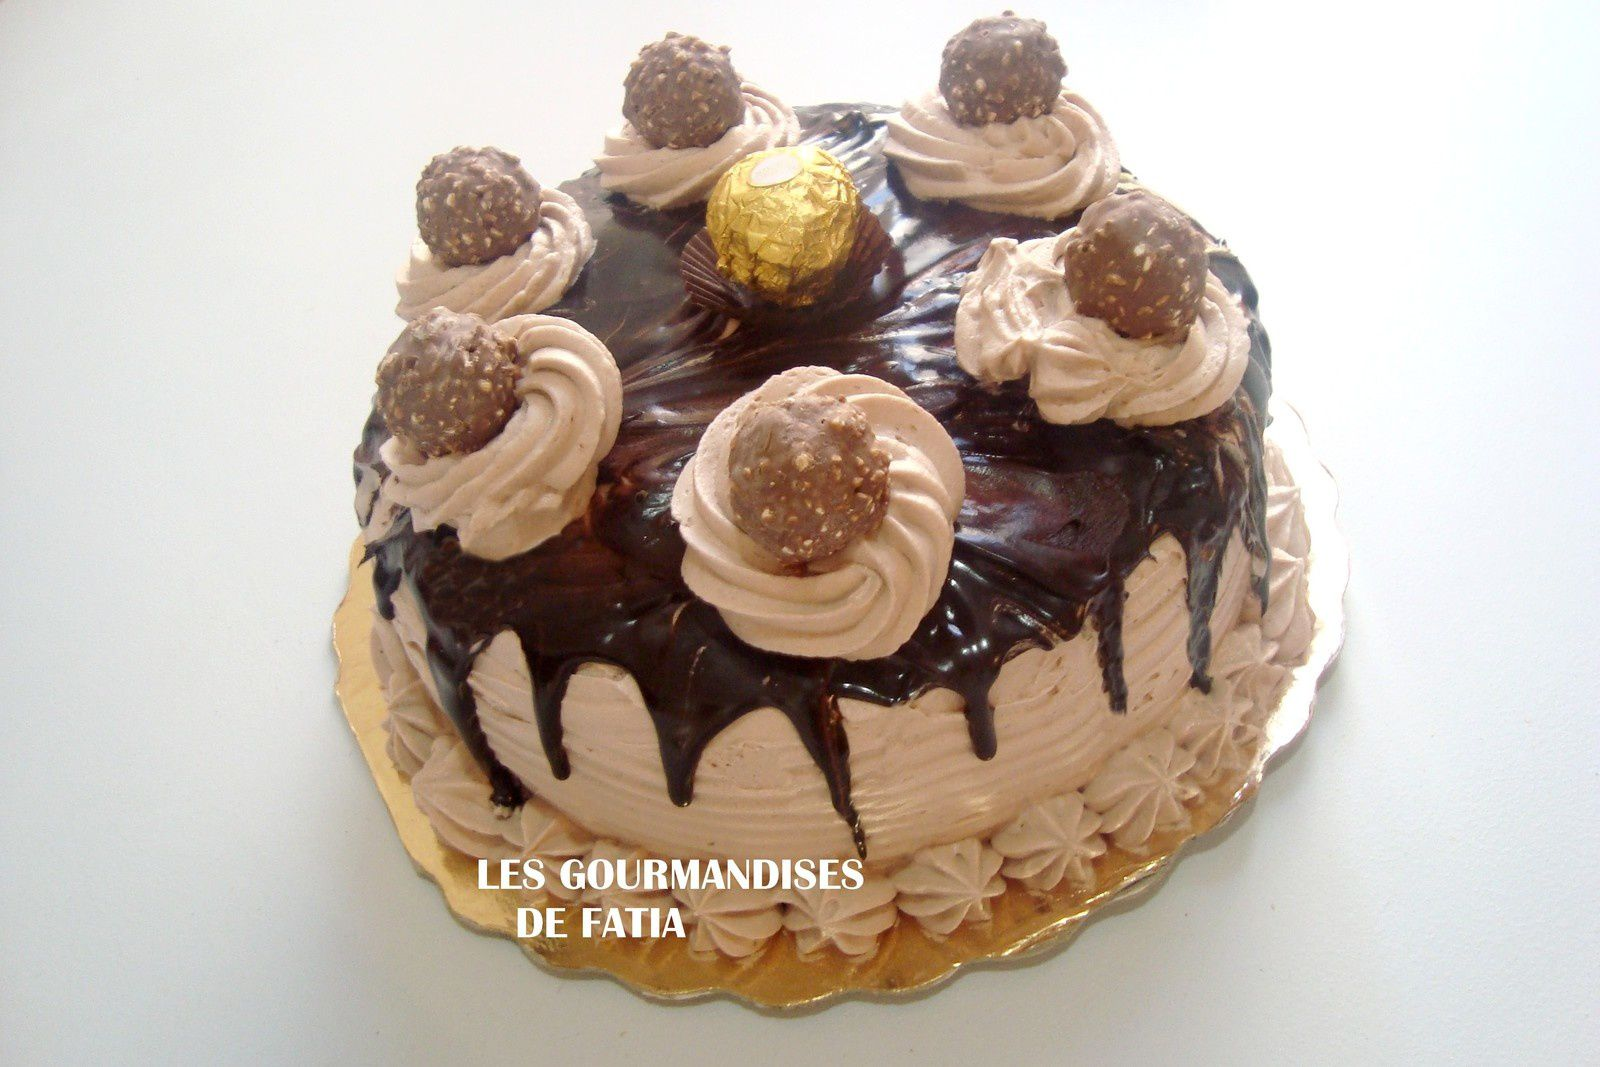 Un layer cake pour marquer la fin de l'année 2015 et accueillir la nouvelle année 2016,il est composé de 3 disques de génoise, la crème au beurre, ganache au chocolat et FERRERO ROCHER pour la décoration finale.